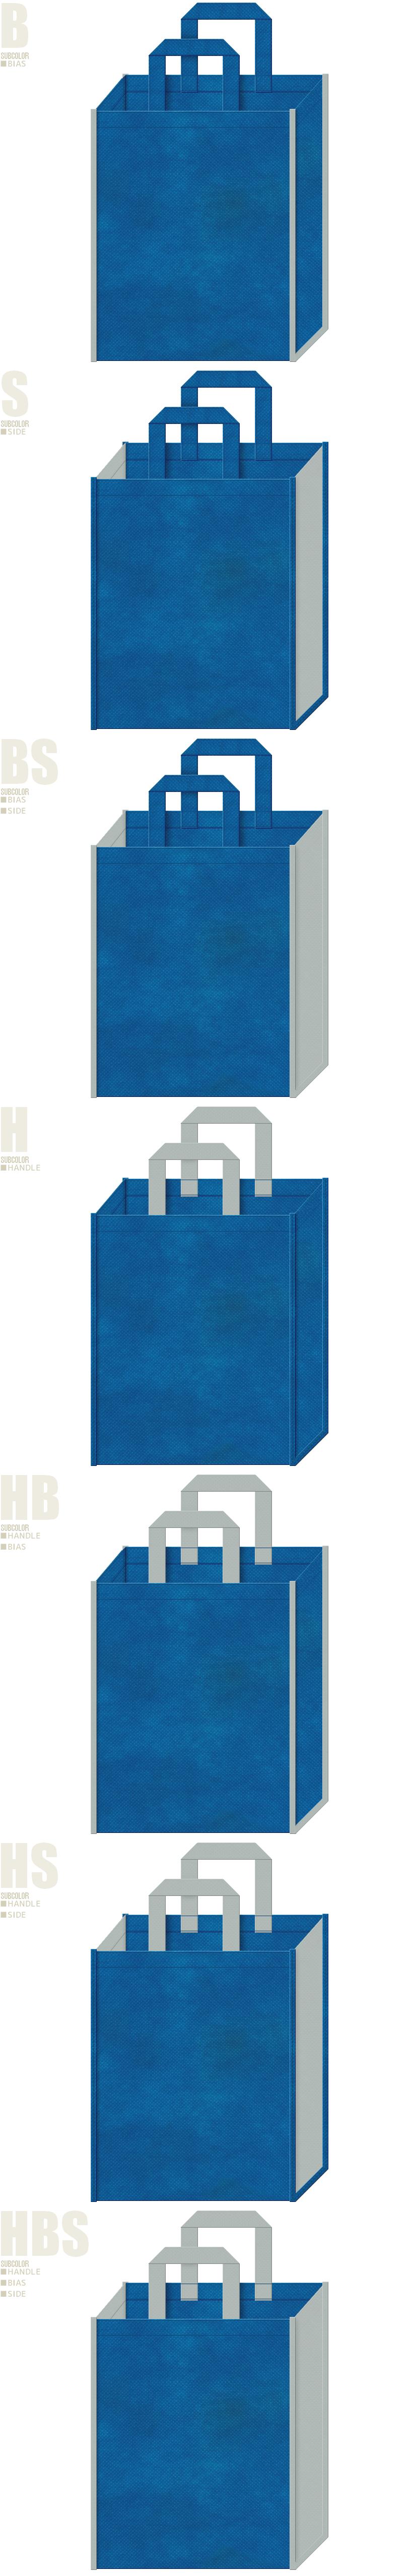 青色とグレー色-7パターンの不織布トートバッグ配色デザイン例